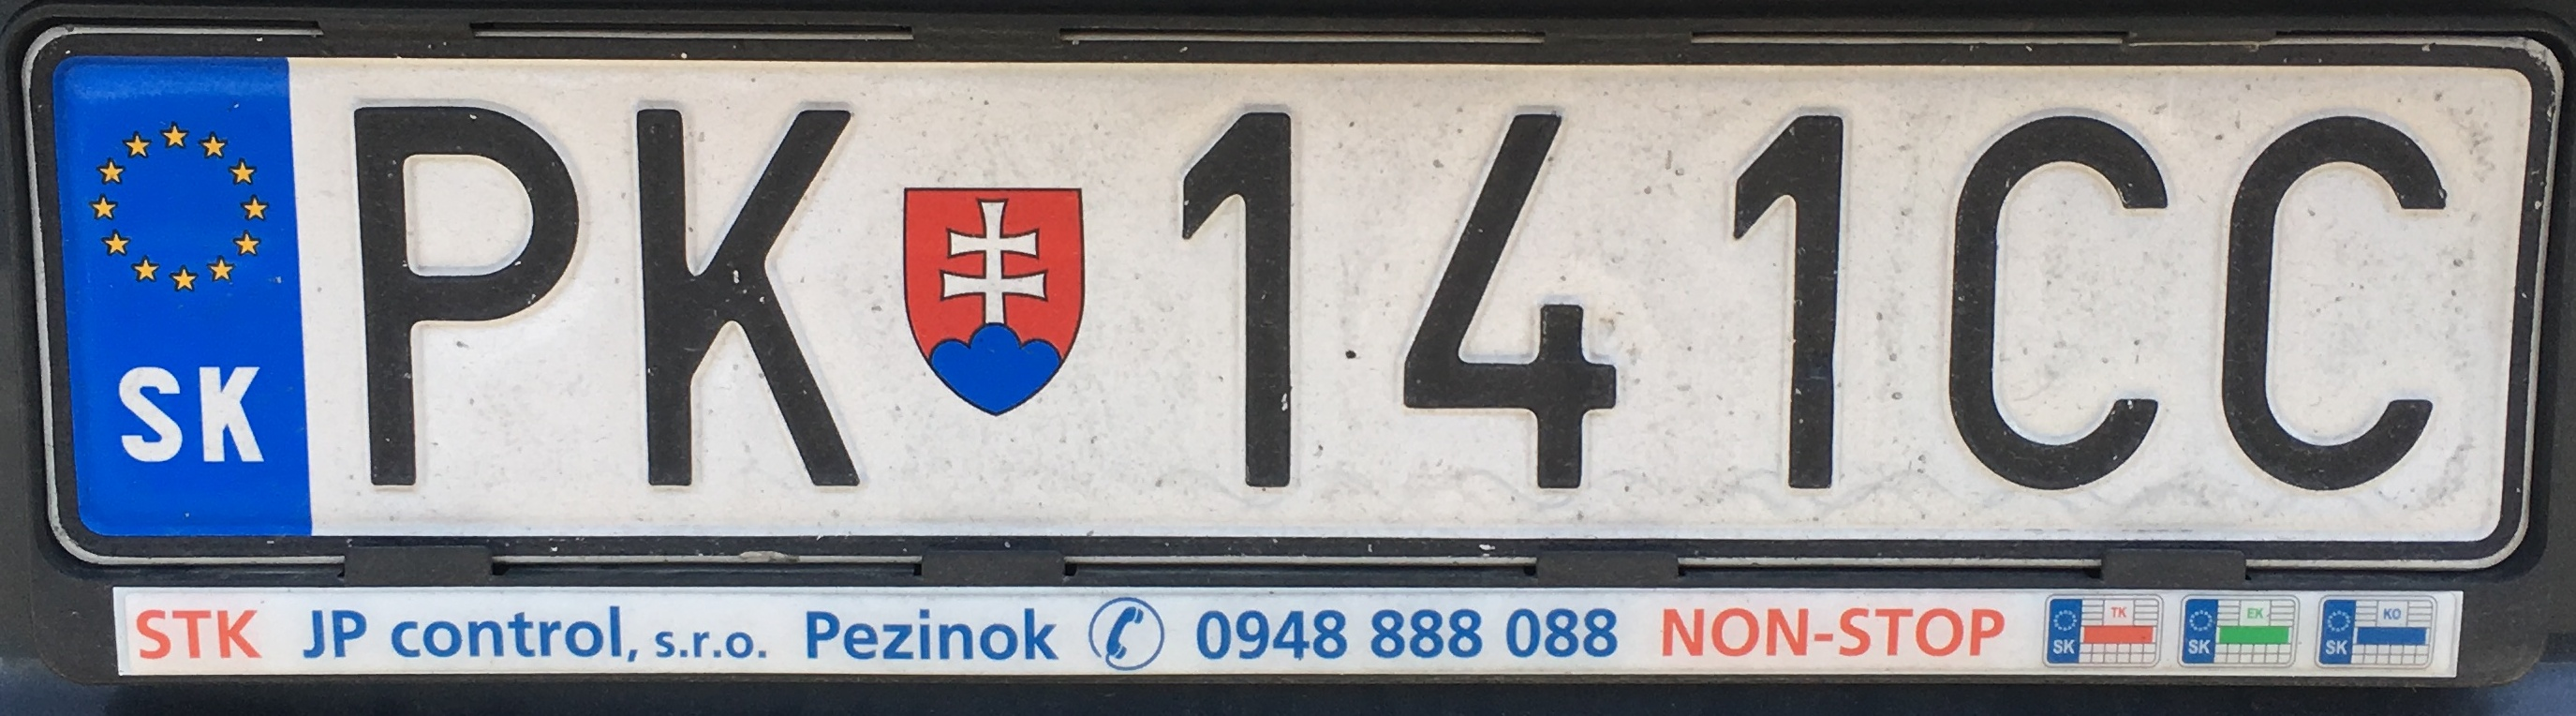 Registrační značka: PK - Pezinok, foto: vlastní